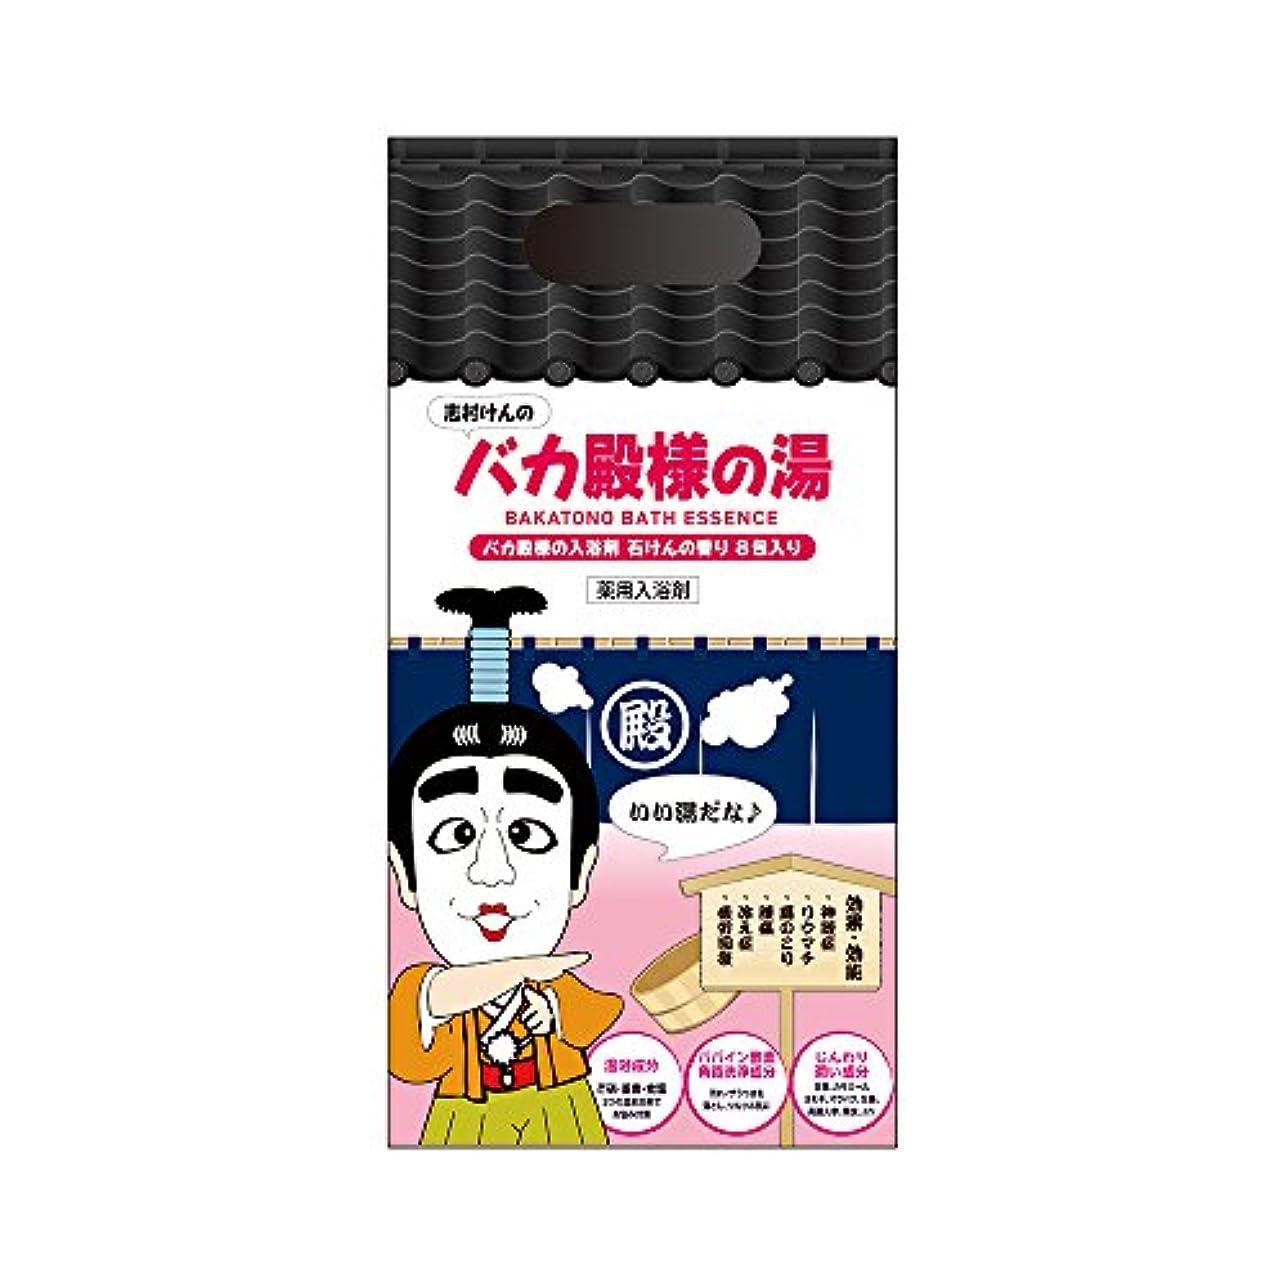 ボーカル合併運命的な志村けんのバカ殿様の湯 バカ殿様の入浴剤 石けんの香り (25g × 8包入り)